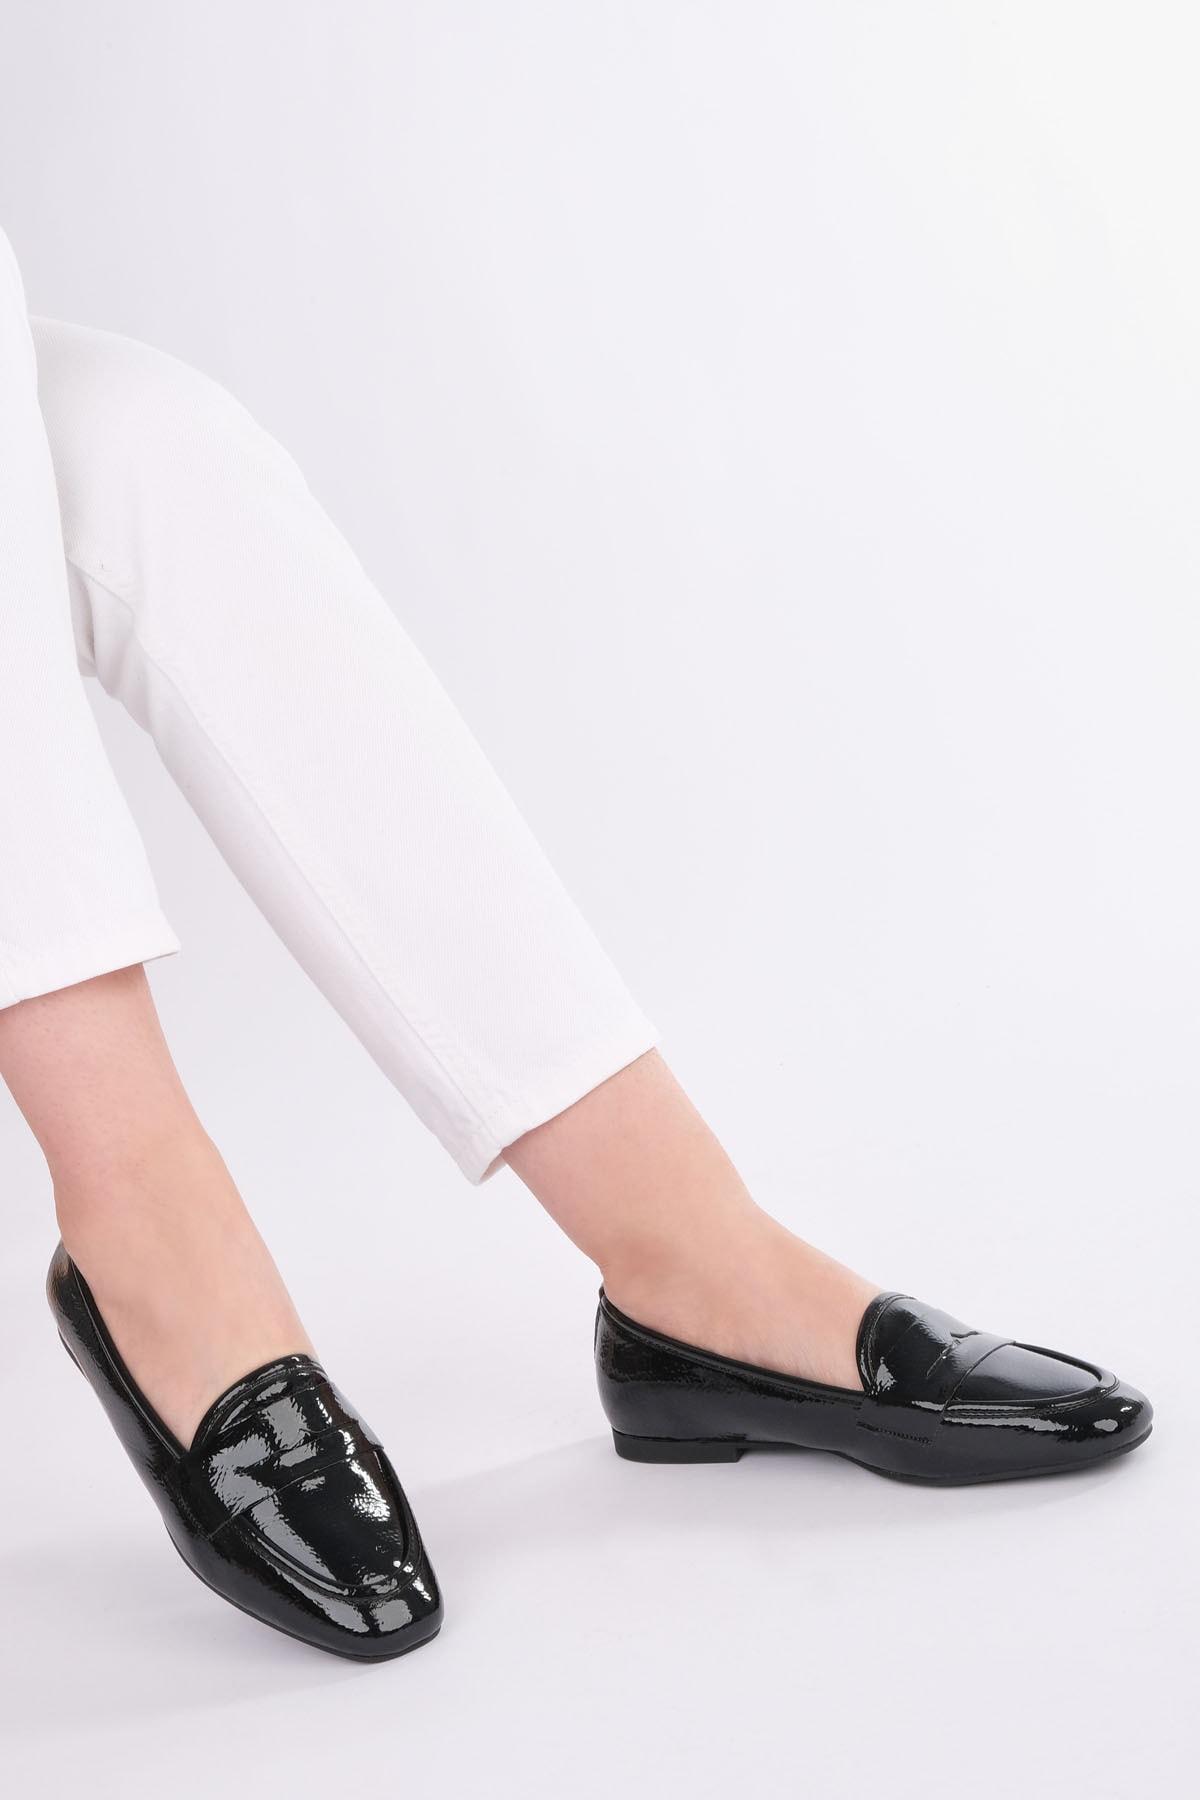 Marjin Kadın Siyah Rugan Loafer Ayakkabı Munle 1